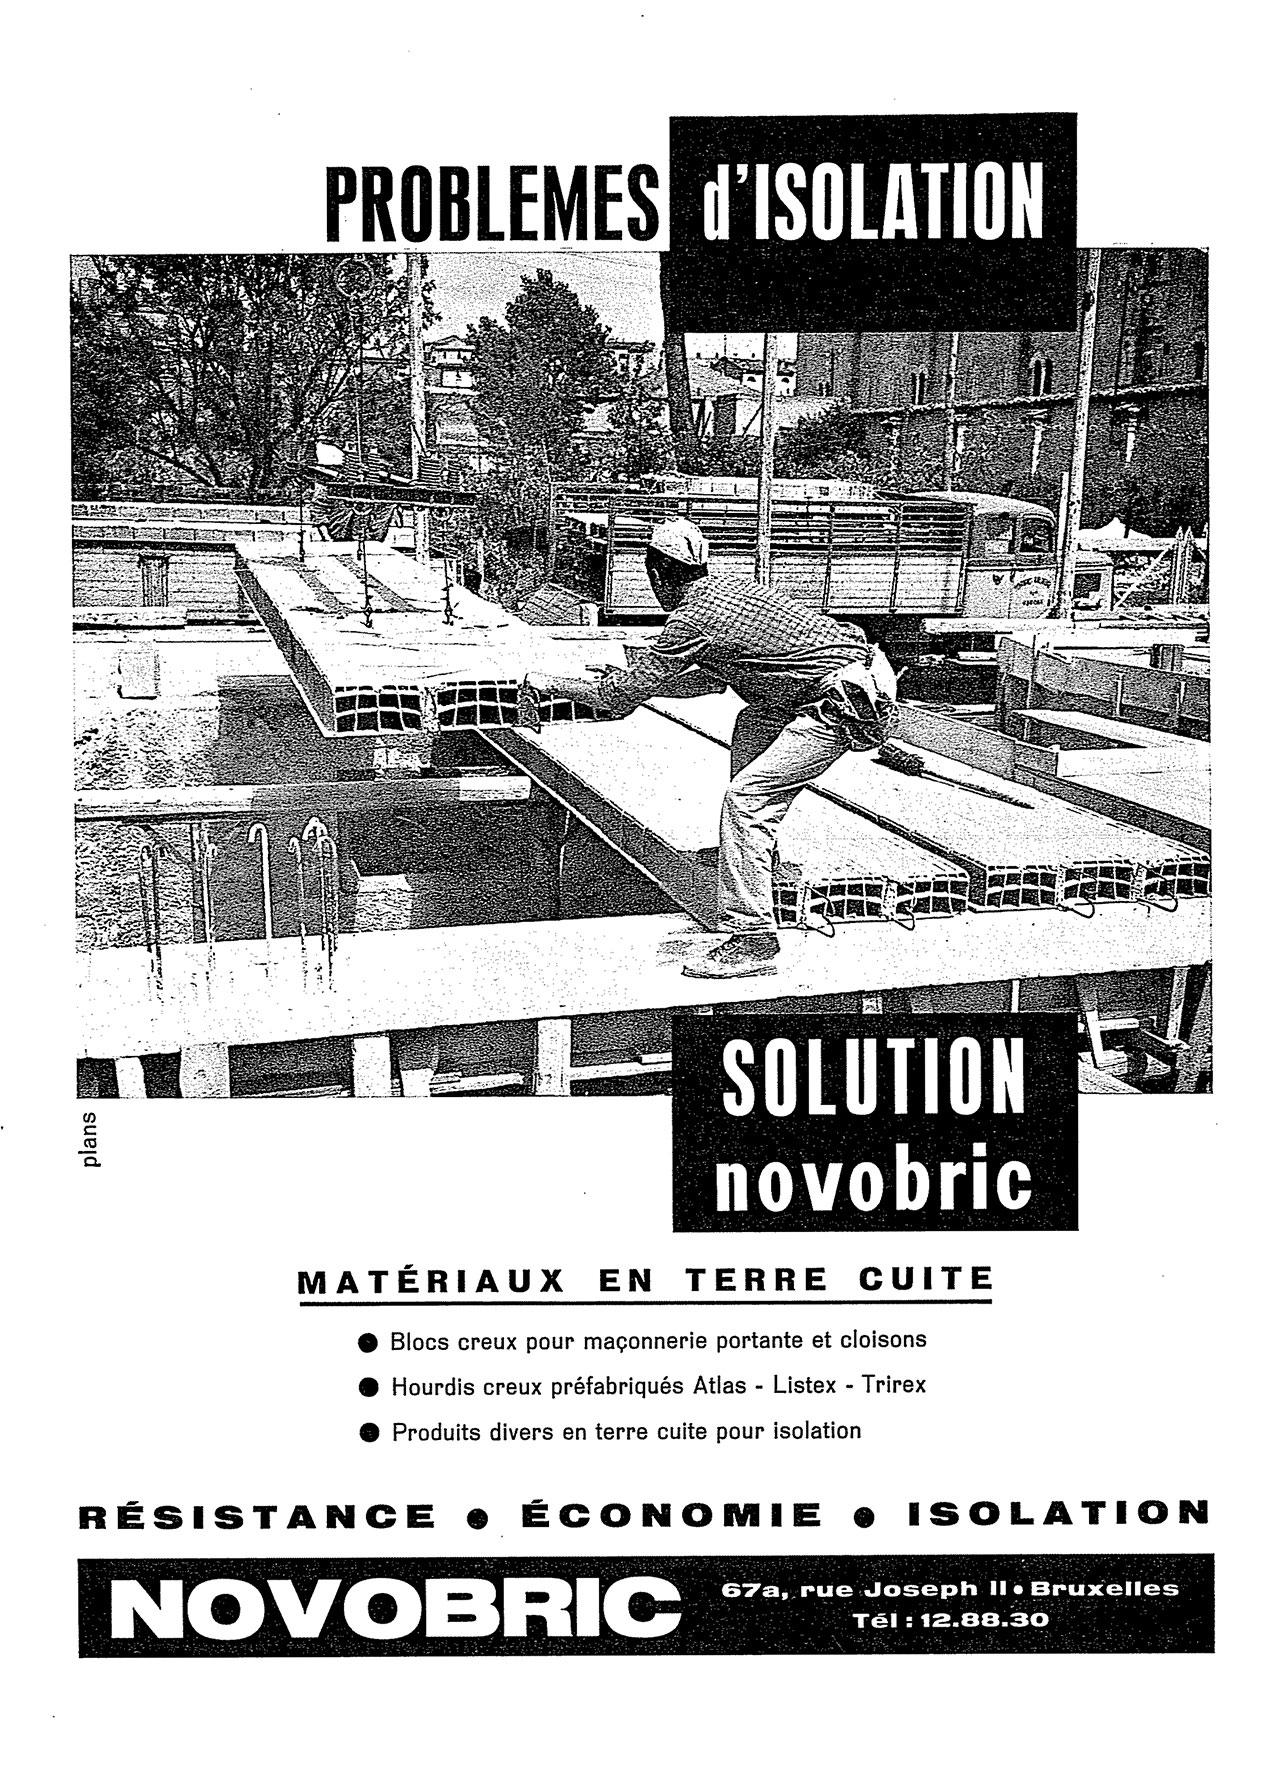 4R_1963_02_LM_XLV_Novobric_Novobric